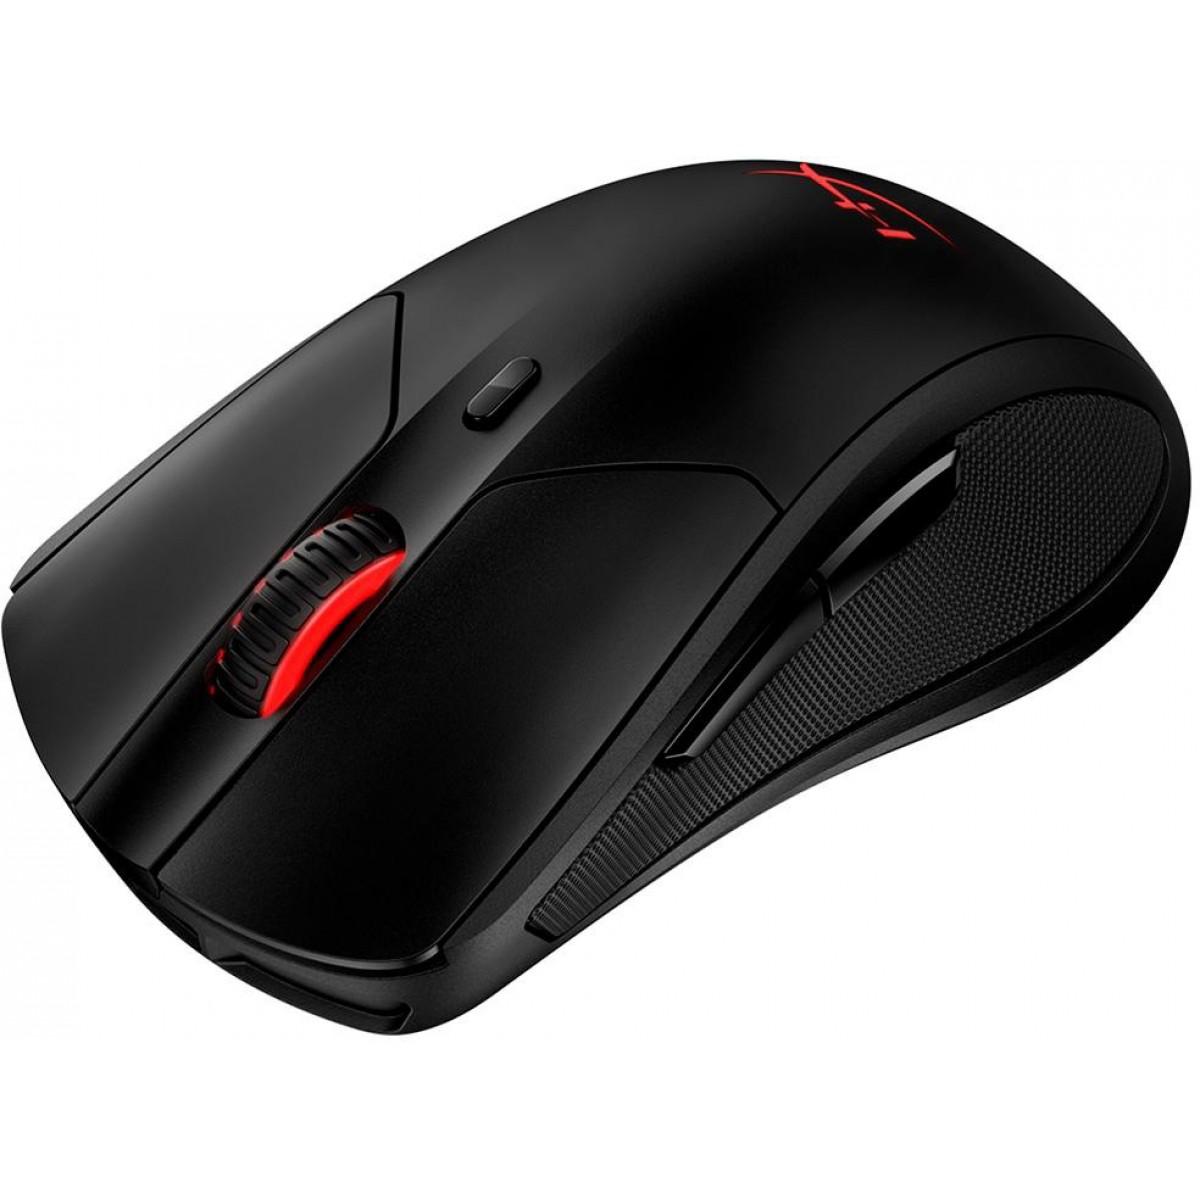 Mouse Sem Fio Hyperx Pulsefire Dart, RGB, 16000 DPI, 6 Botões, Preto, HX-MC006B